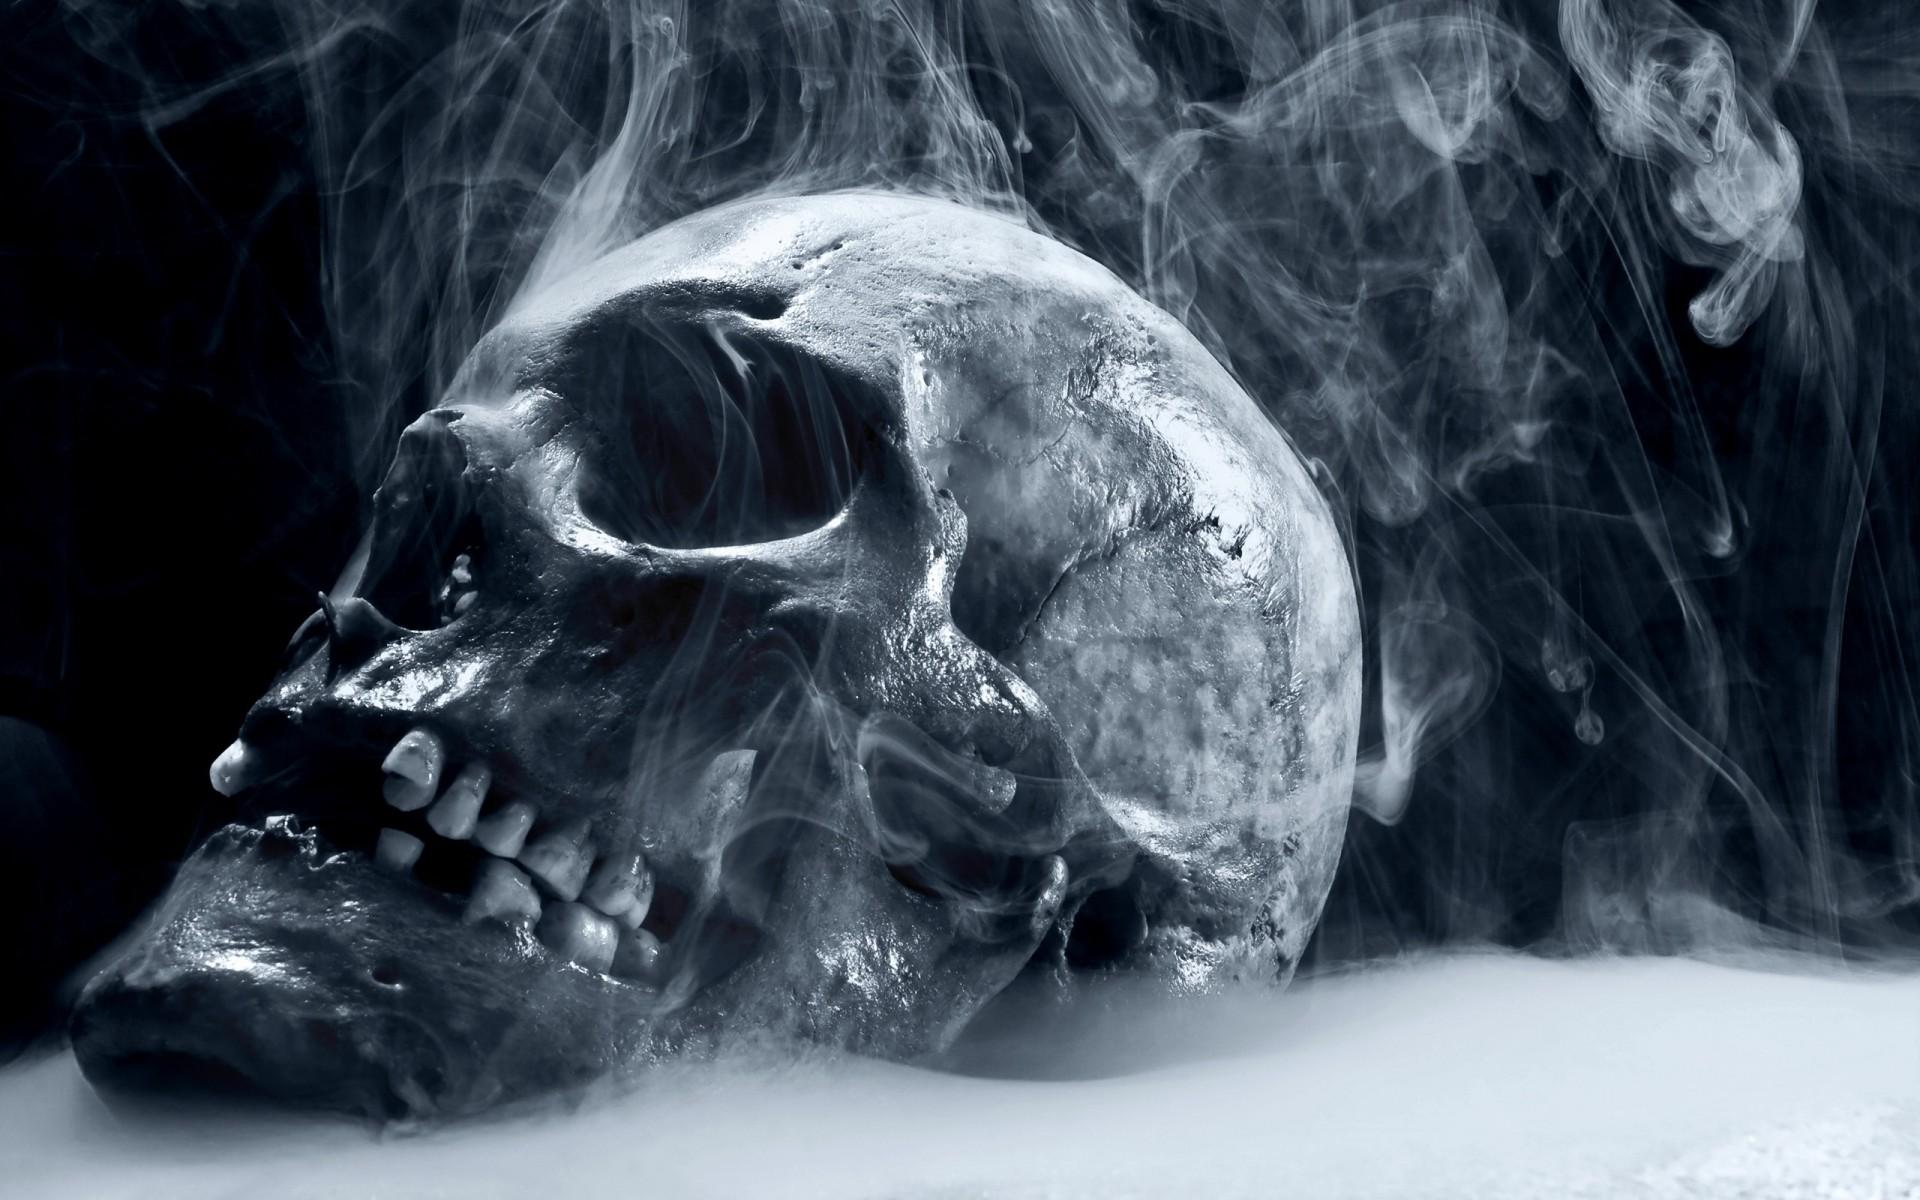 Skull Wallpaper Find best latest Skull Wallpaper in HD for your | HD  Wallpapers | Pinterest | Skull wallpaper, Hd skull wallpapers and Wallpaper